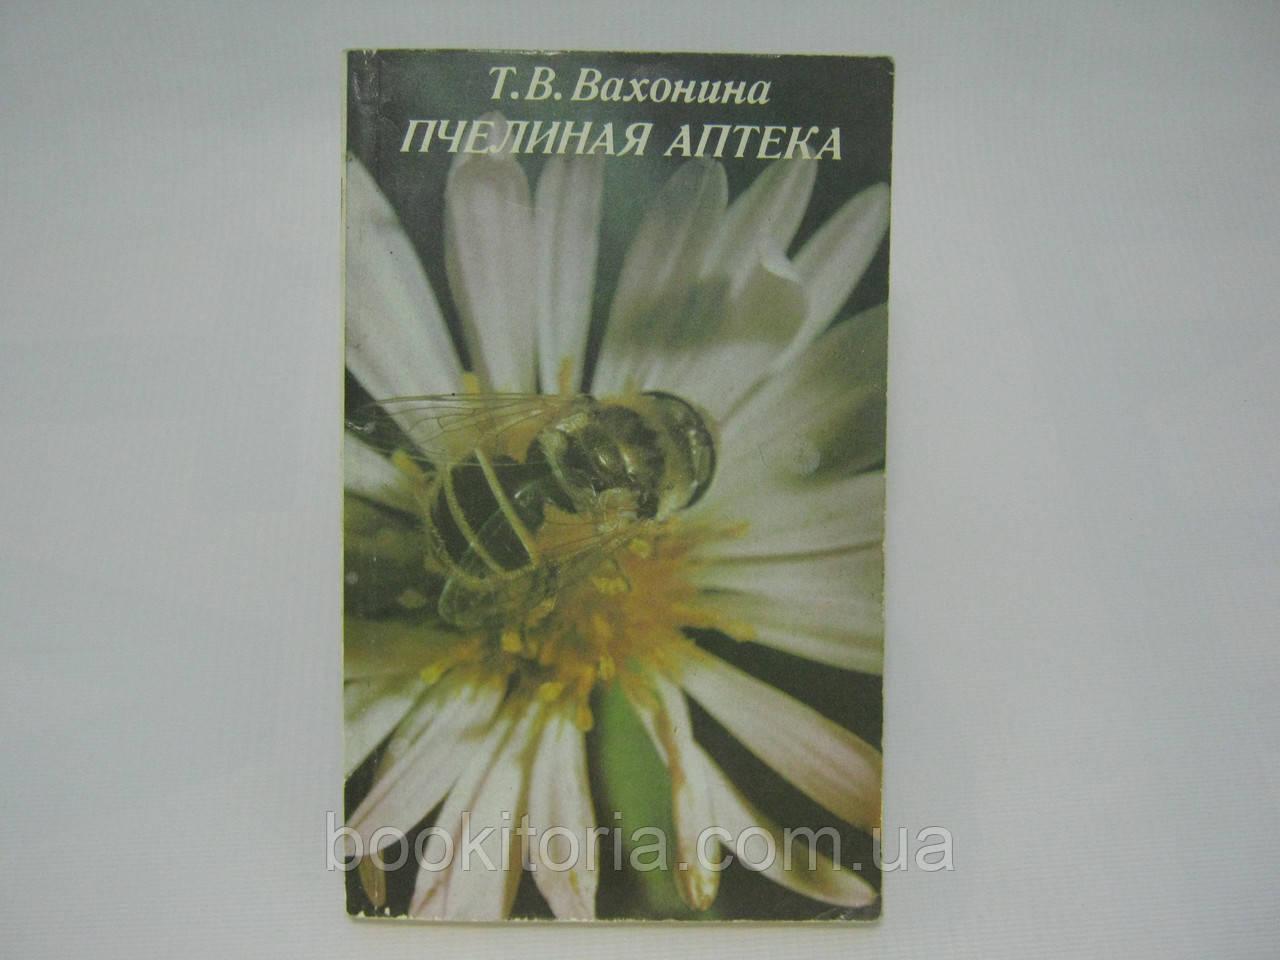 Вахонина Т.В. Пчелиная аптека (б/у).